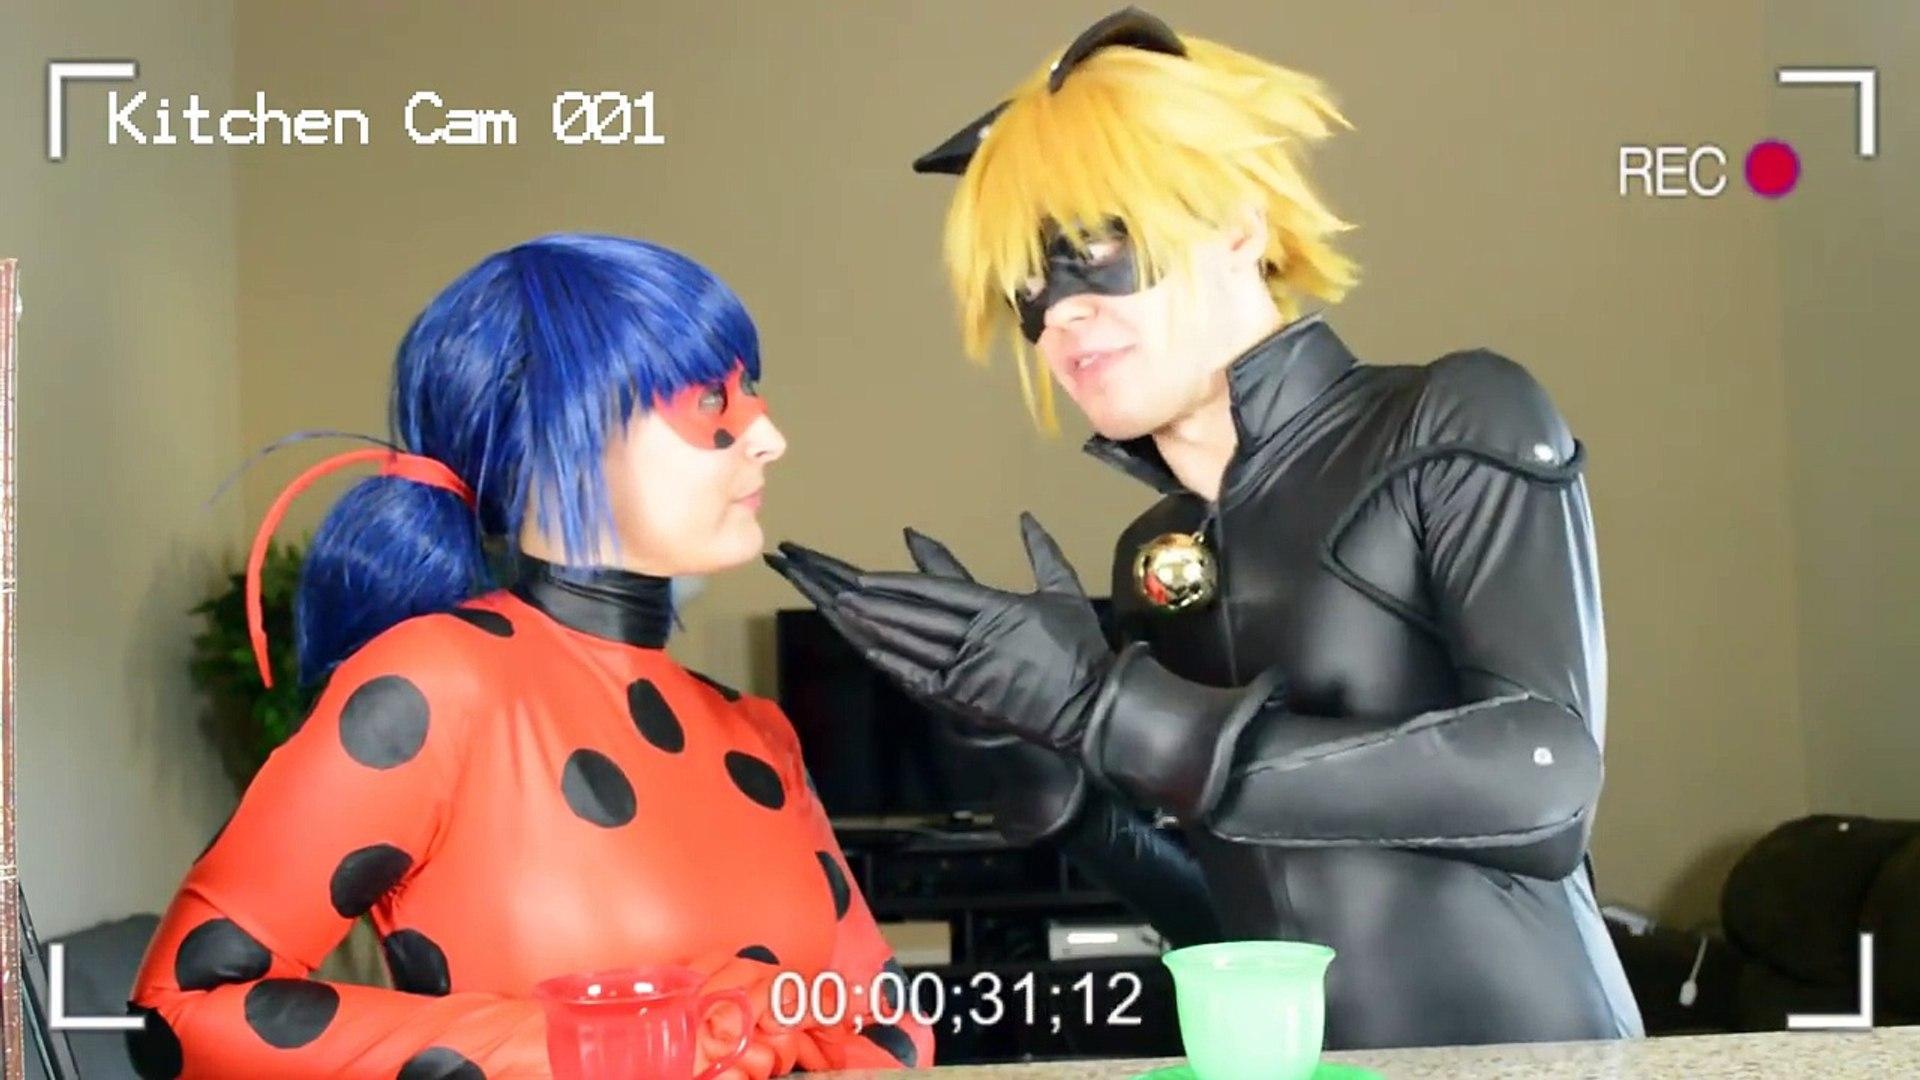 Miracu-League: Miraculous Ladybug and Cat Noir - Episode 10: Flight of Fancy